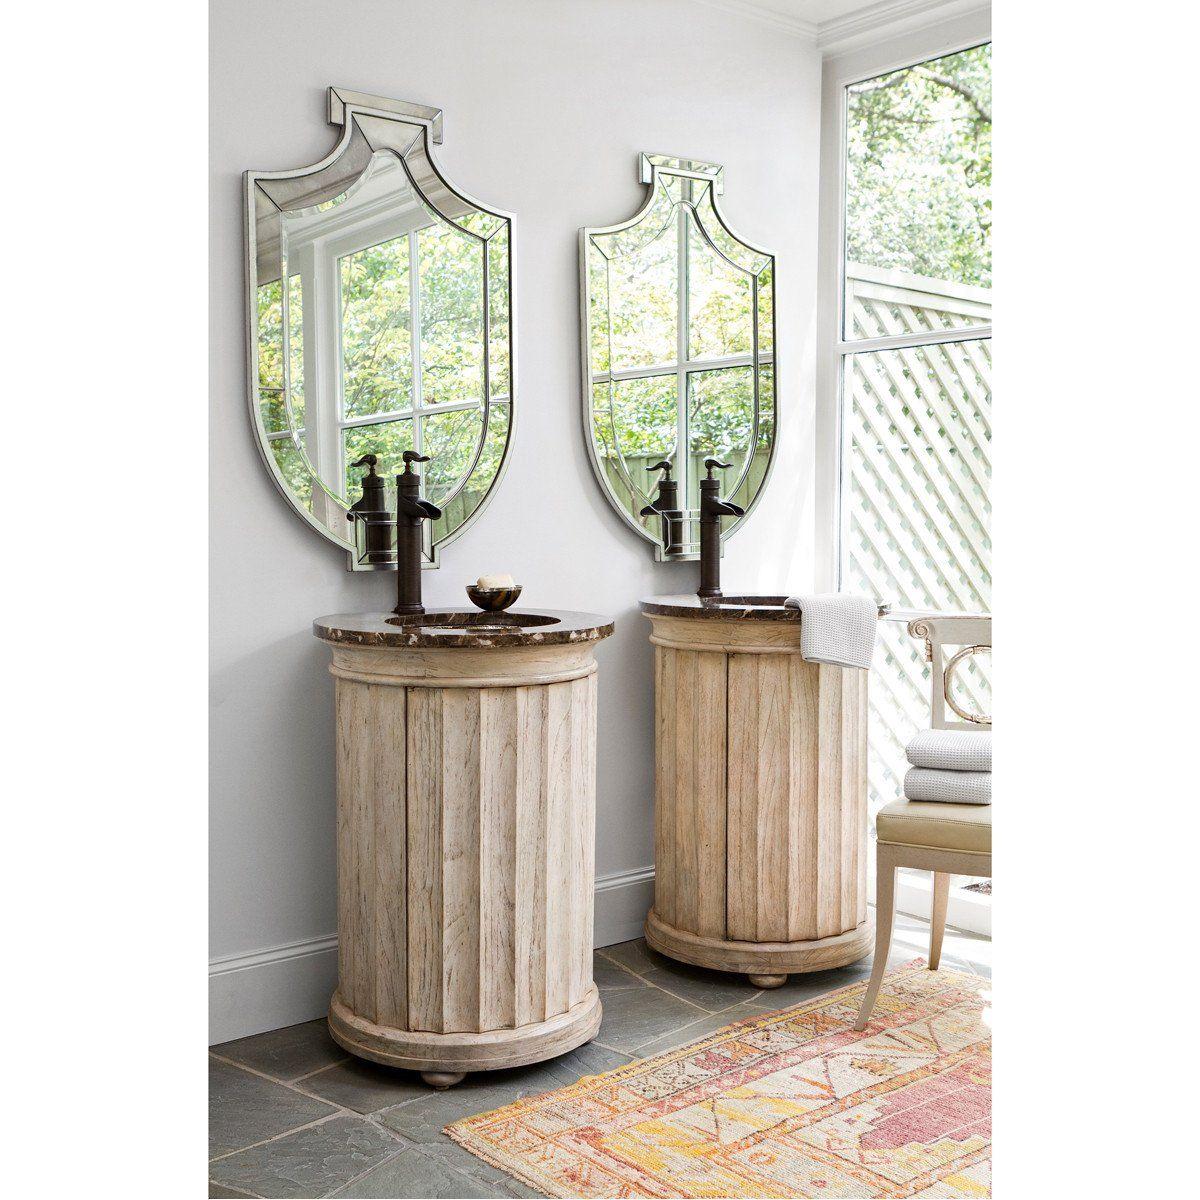 Ambella Home Column Pedestal Sink Chest | Pedestal sink ...